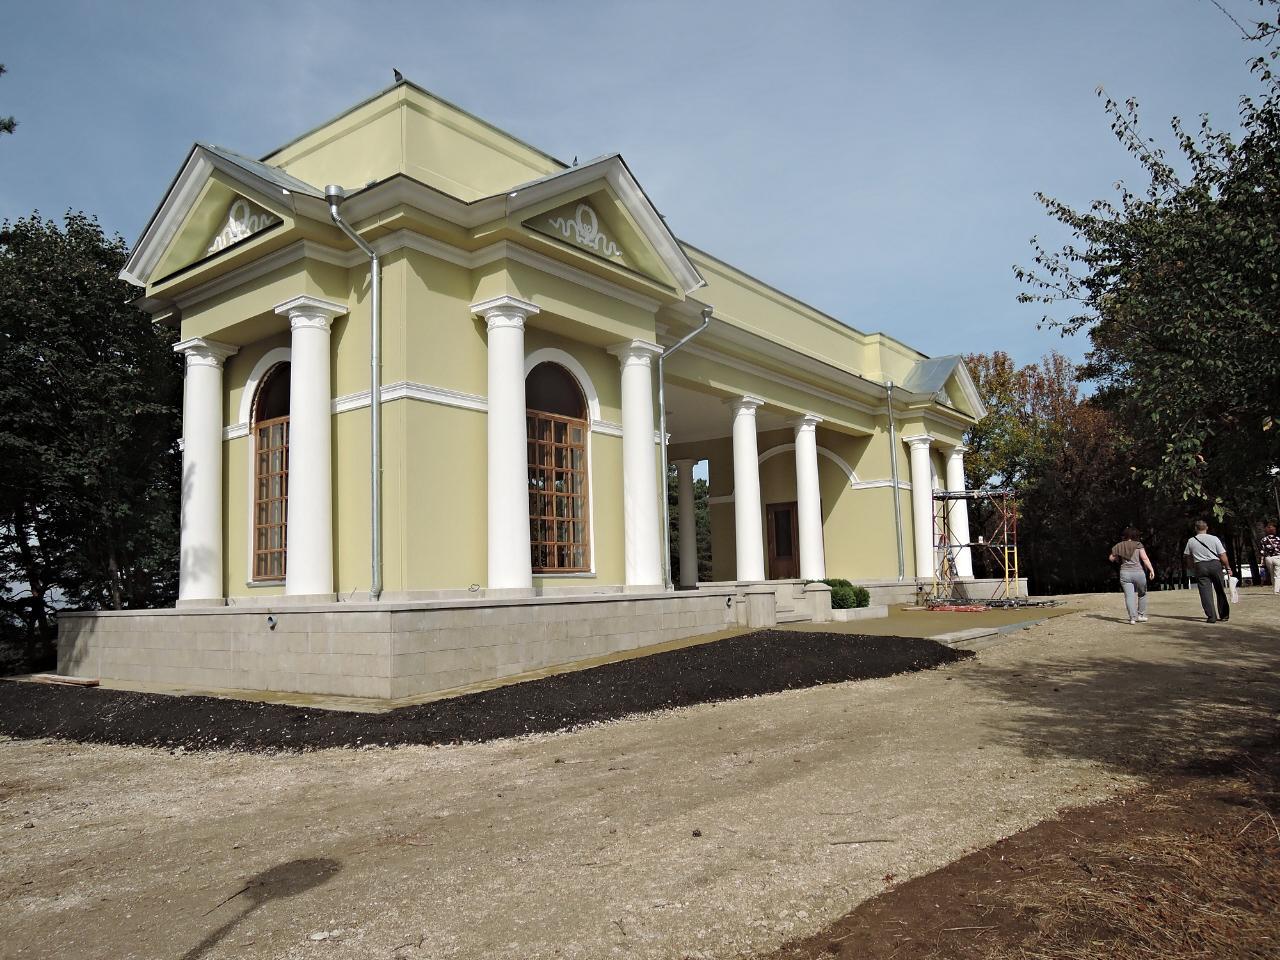 Павильон «Храм воздуха» (Кисловодск)